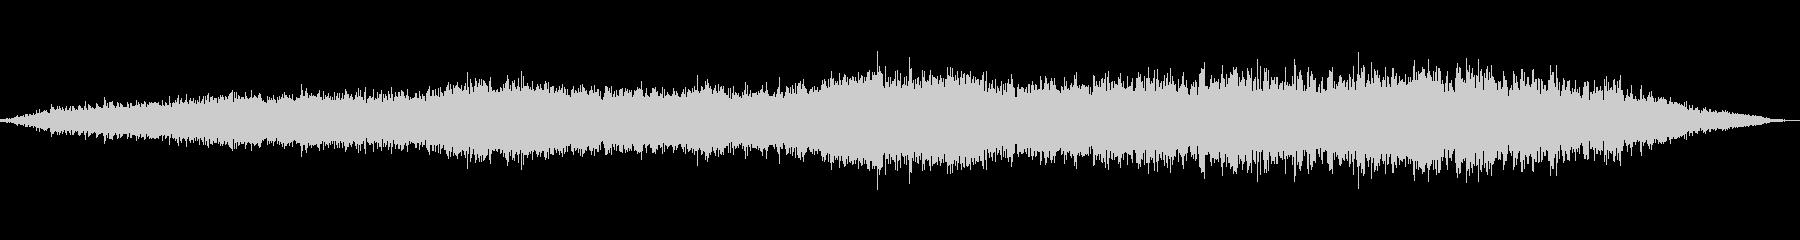 きらめく低音の進化する新しい世界の未再生の波形